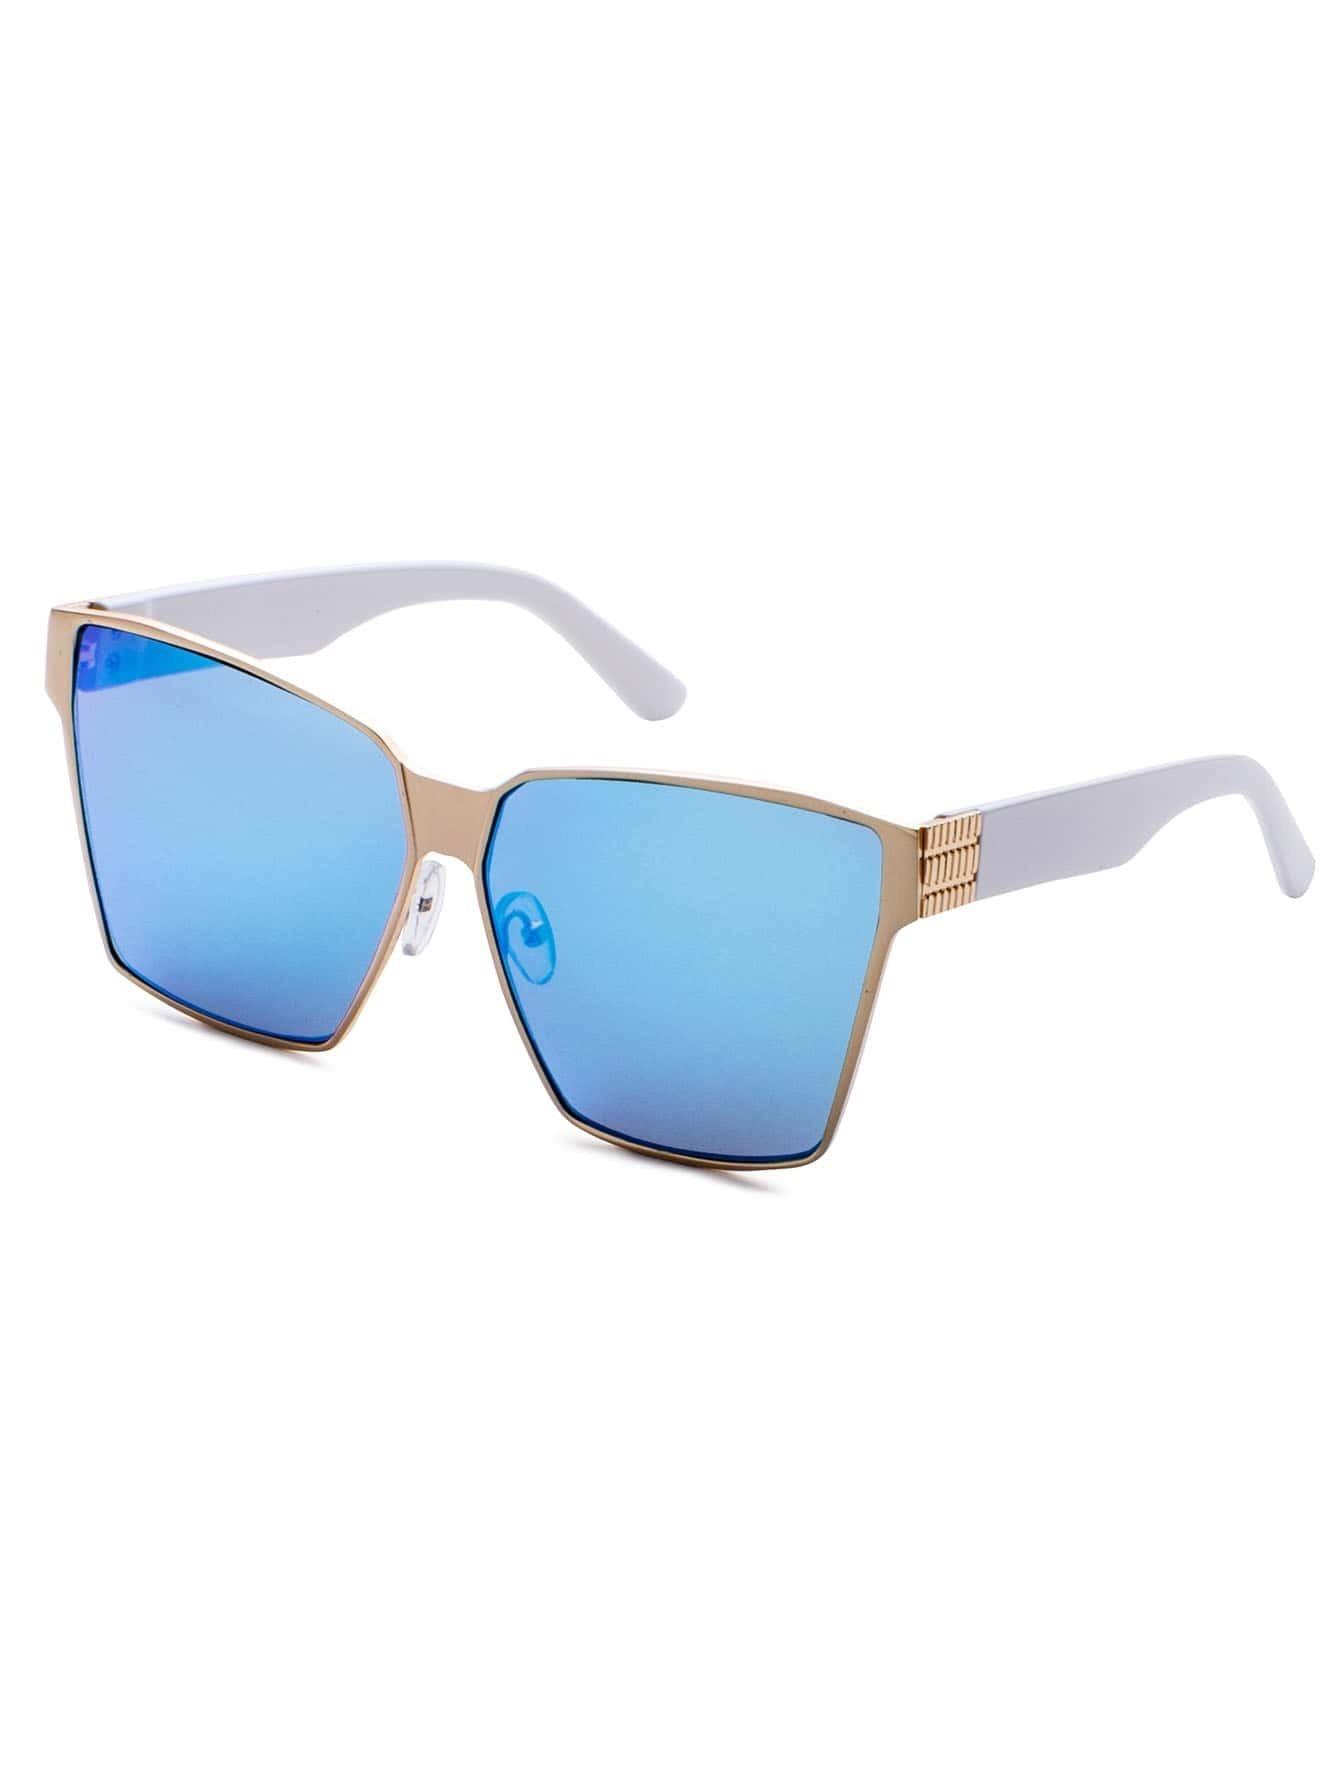 Metal Geometric Frame Blue Lens Sunglasses sunglass161012301